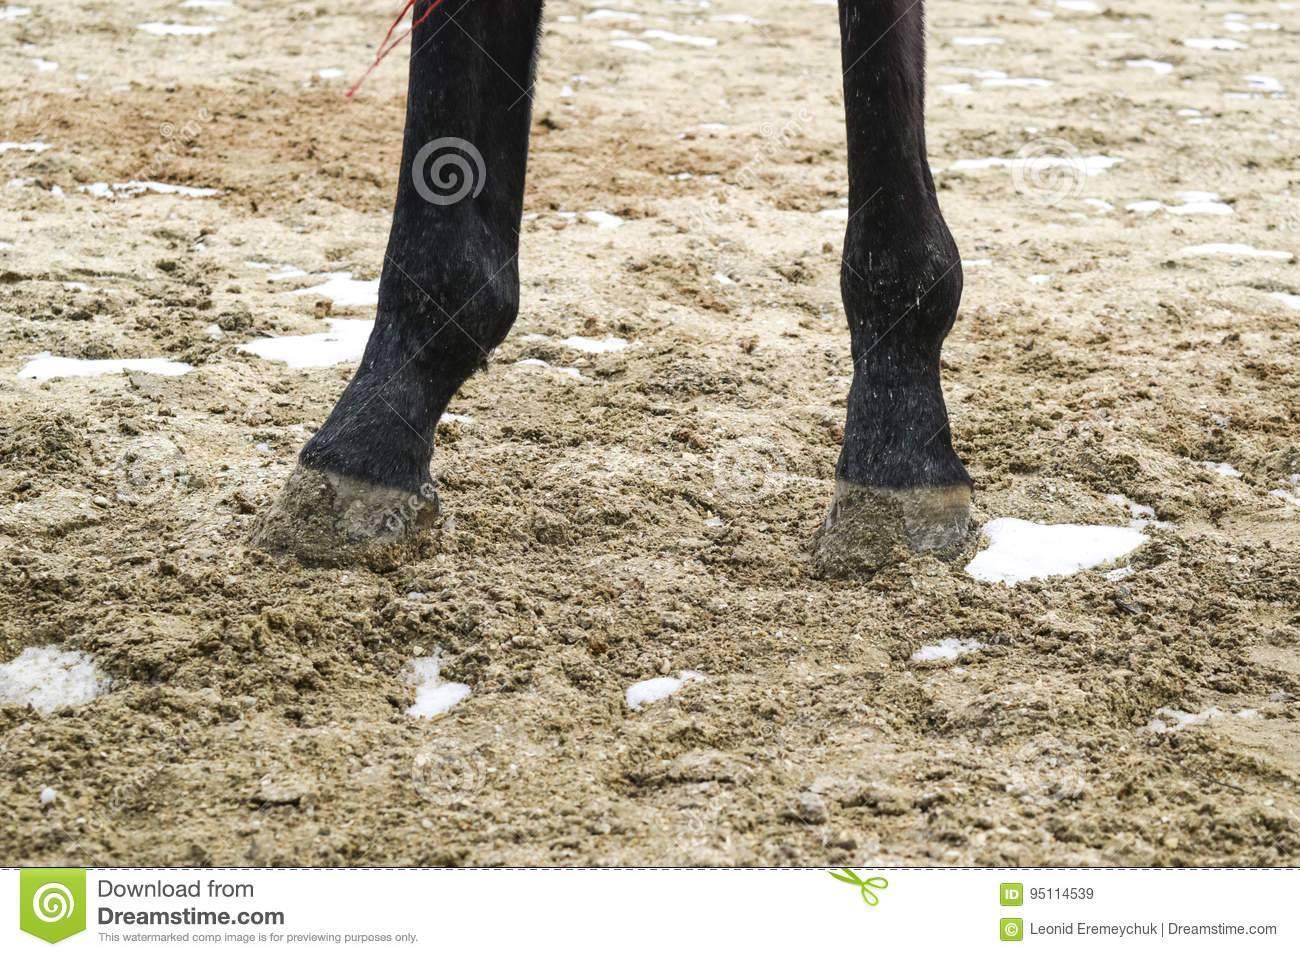 У лошади ноги или копыта как правильно